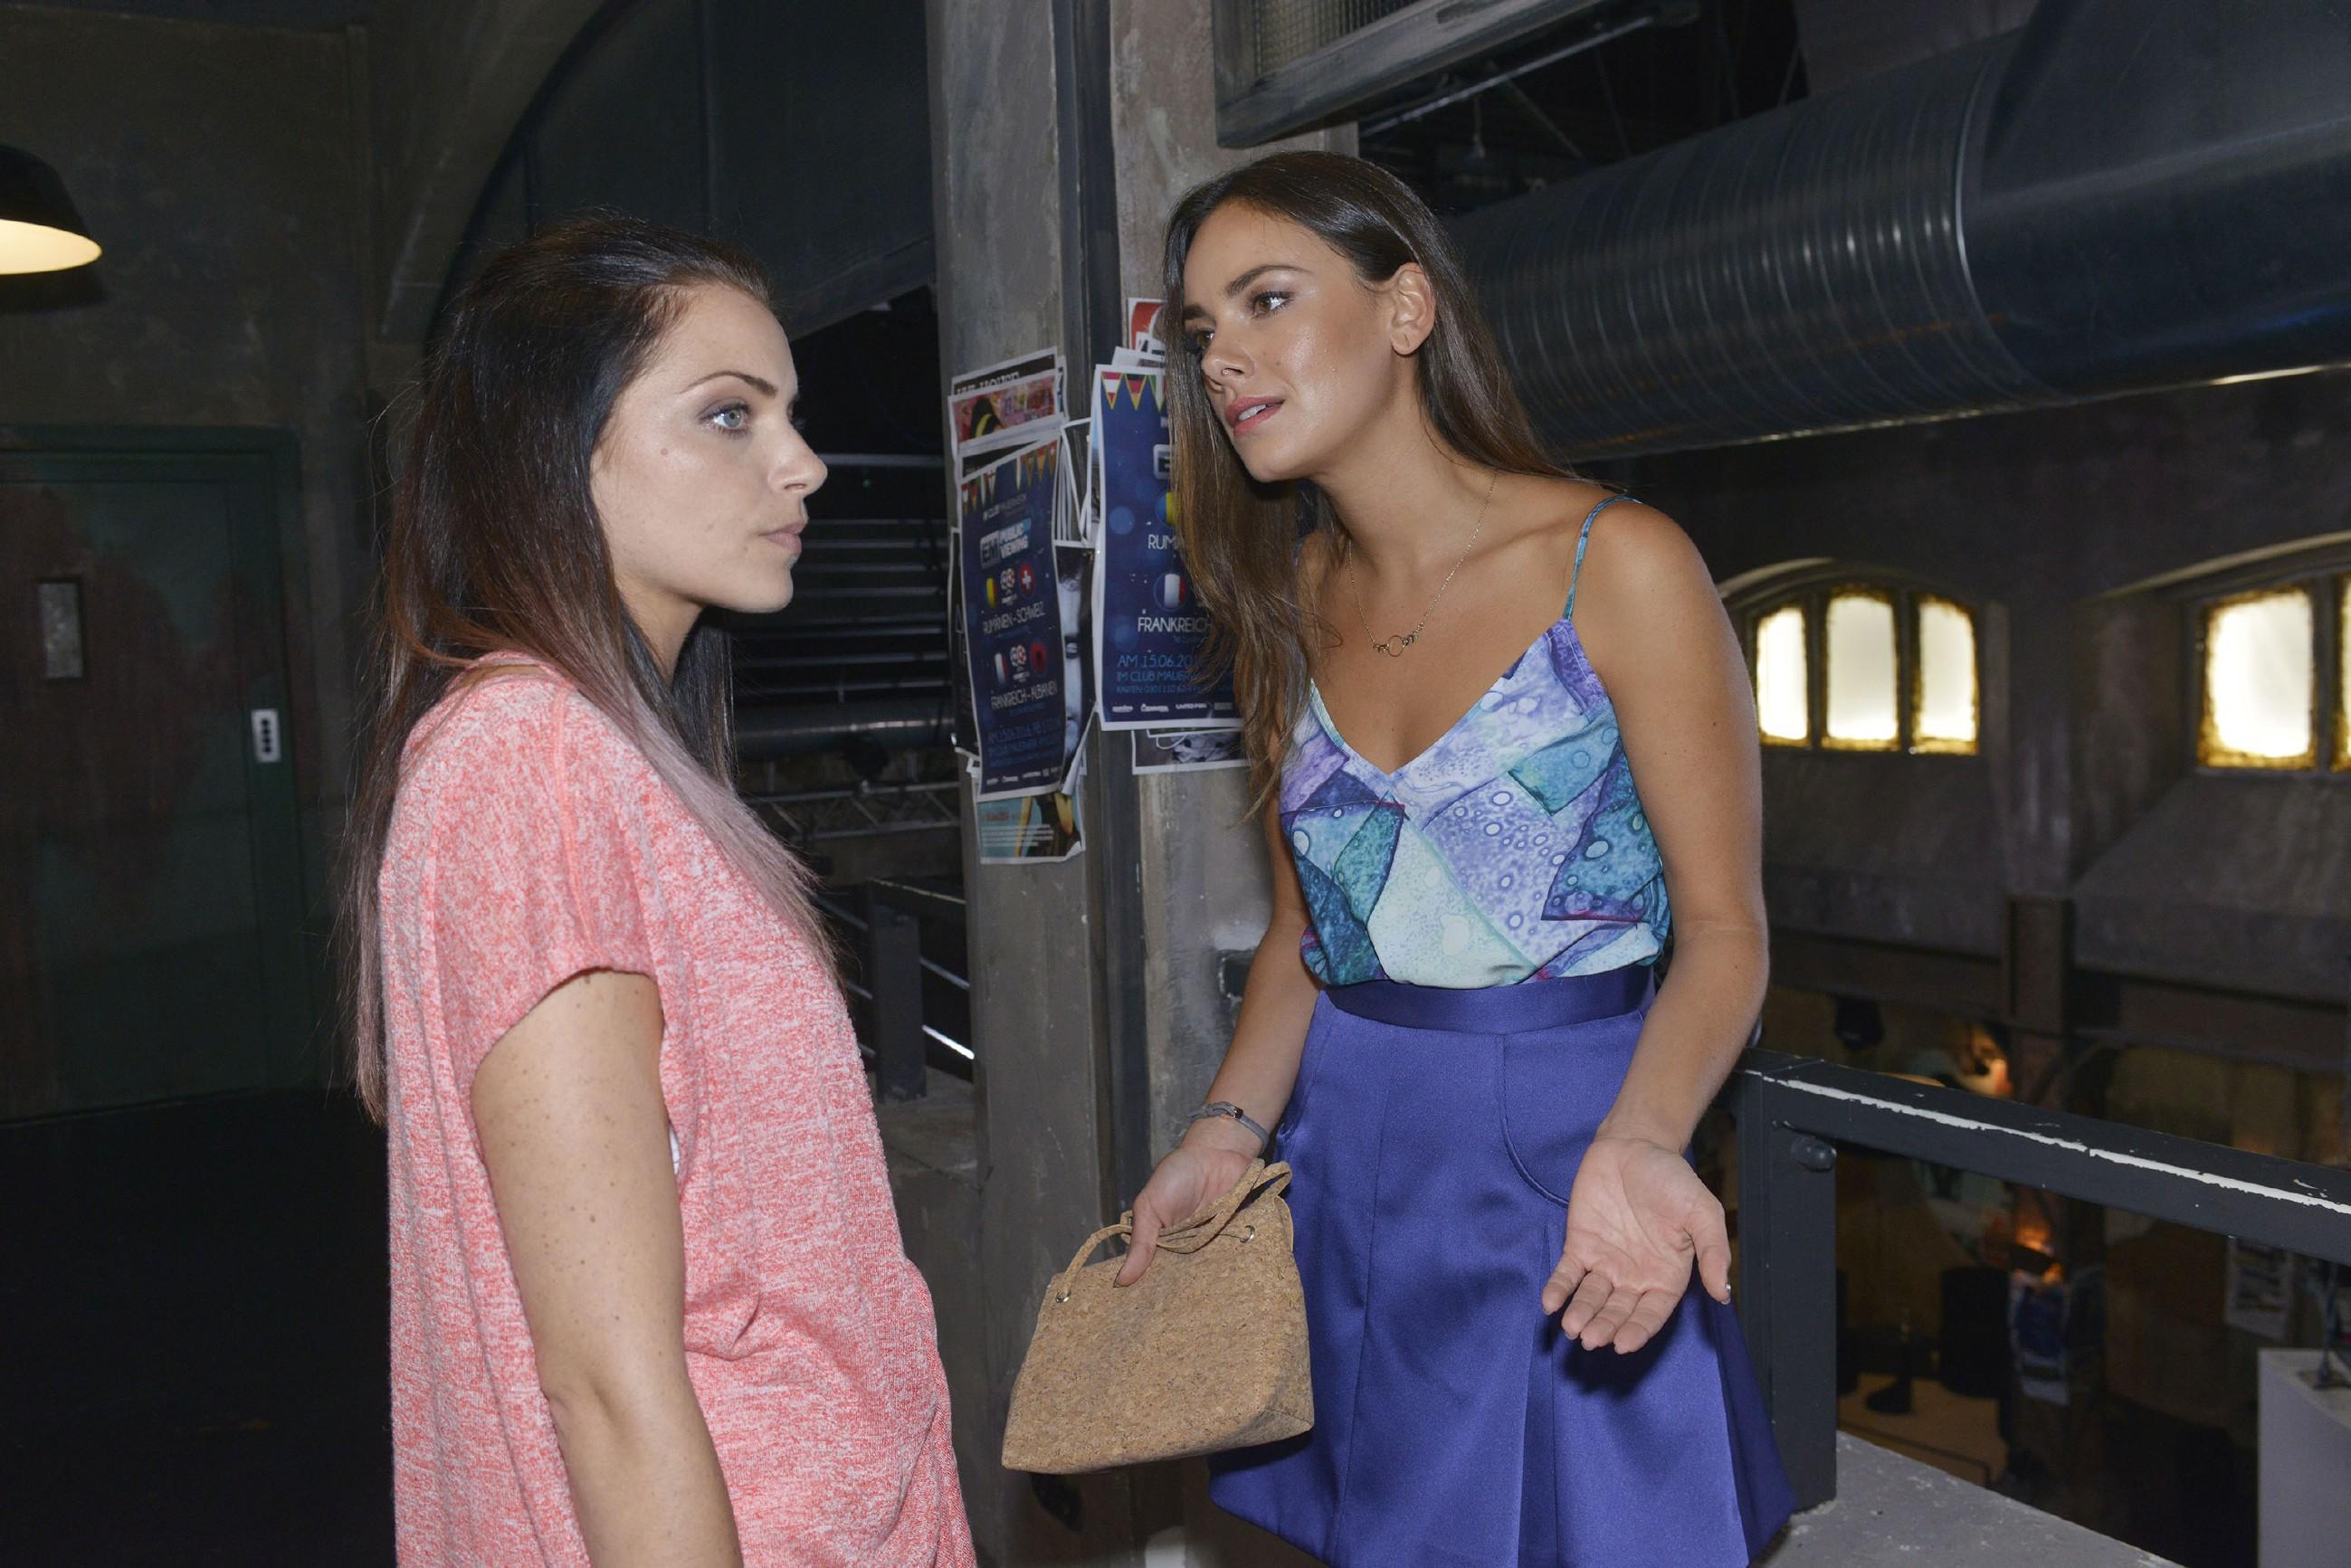 Während Jasmin (Janina Uhse, r.) sich über Emilys (Anne Menden) Zickerei aufregt, ist diese in Wahrheit einfach nur mit ihrem Leben unglücklich...